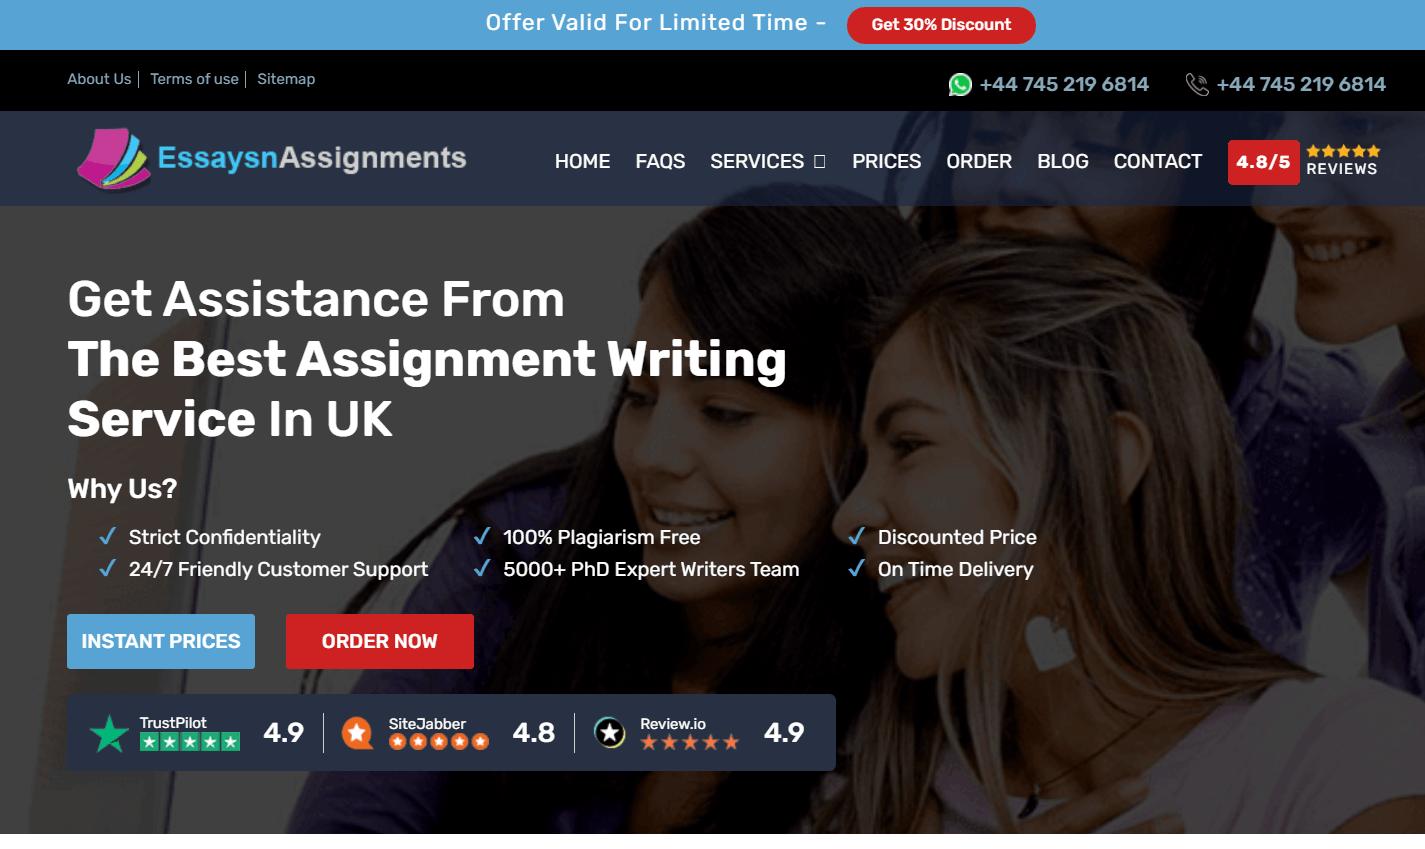 essaysnassignments.co.uk